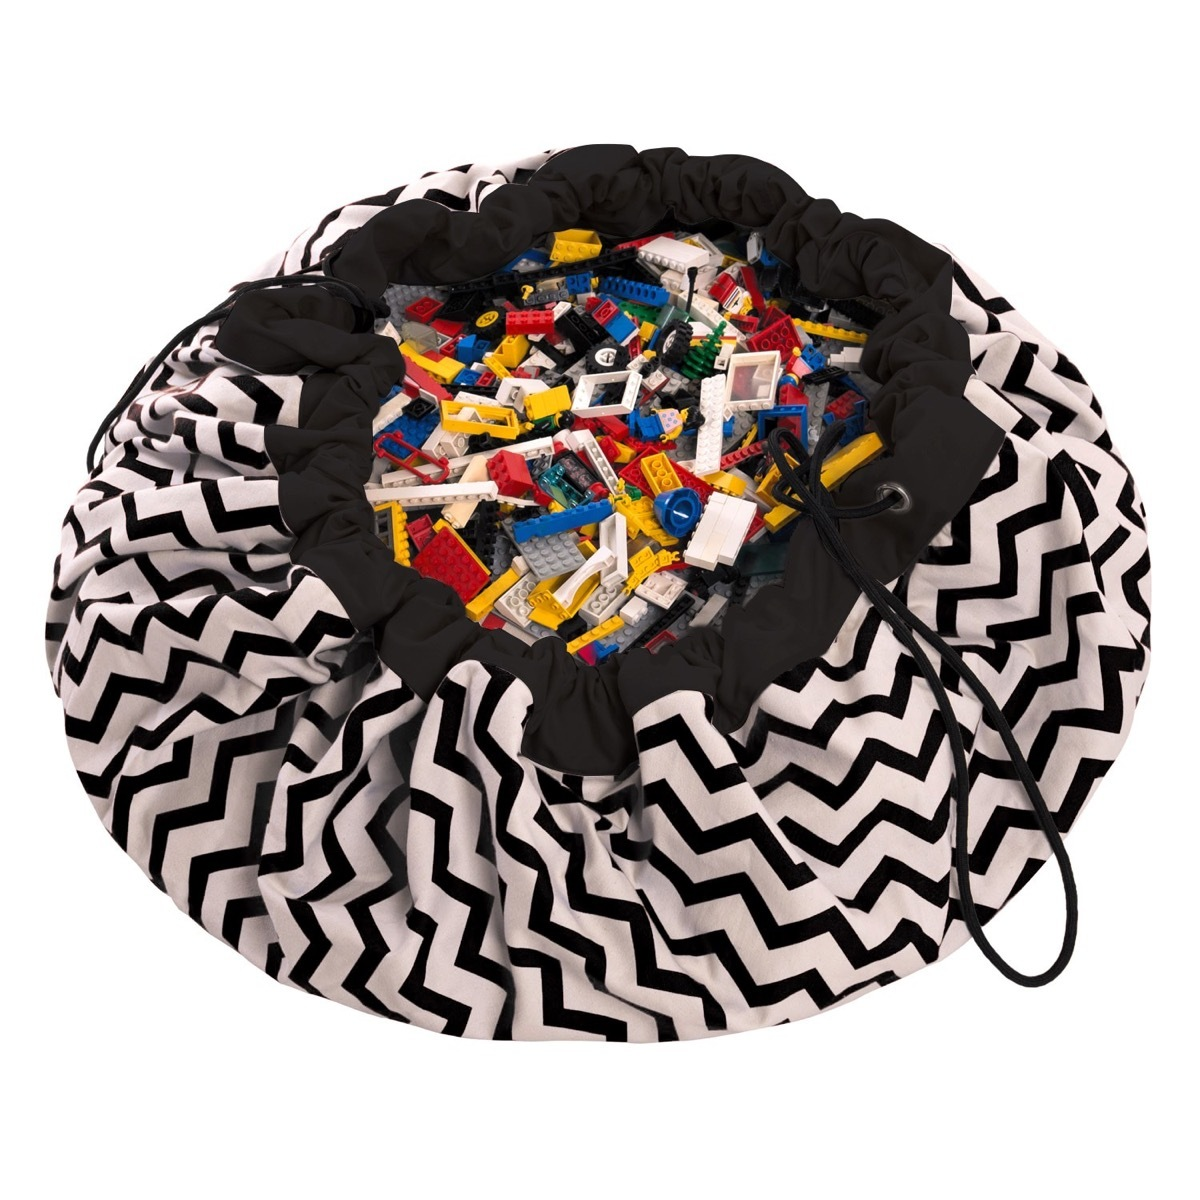 Коврик-мешок для игрушек Play&Go. Коллекция Print. Чёрный зигзаг